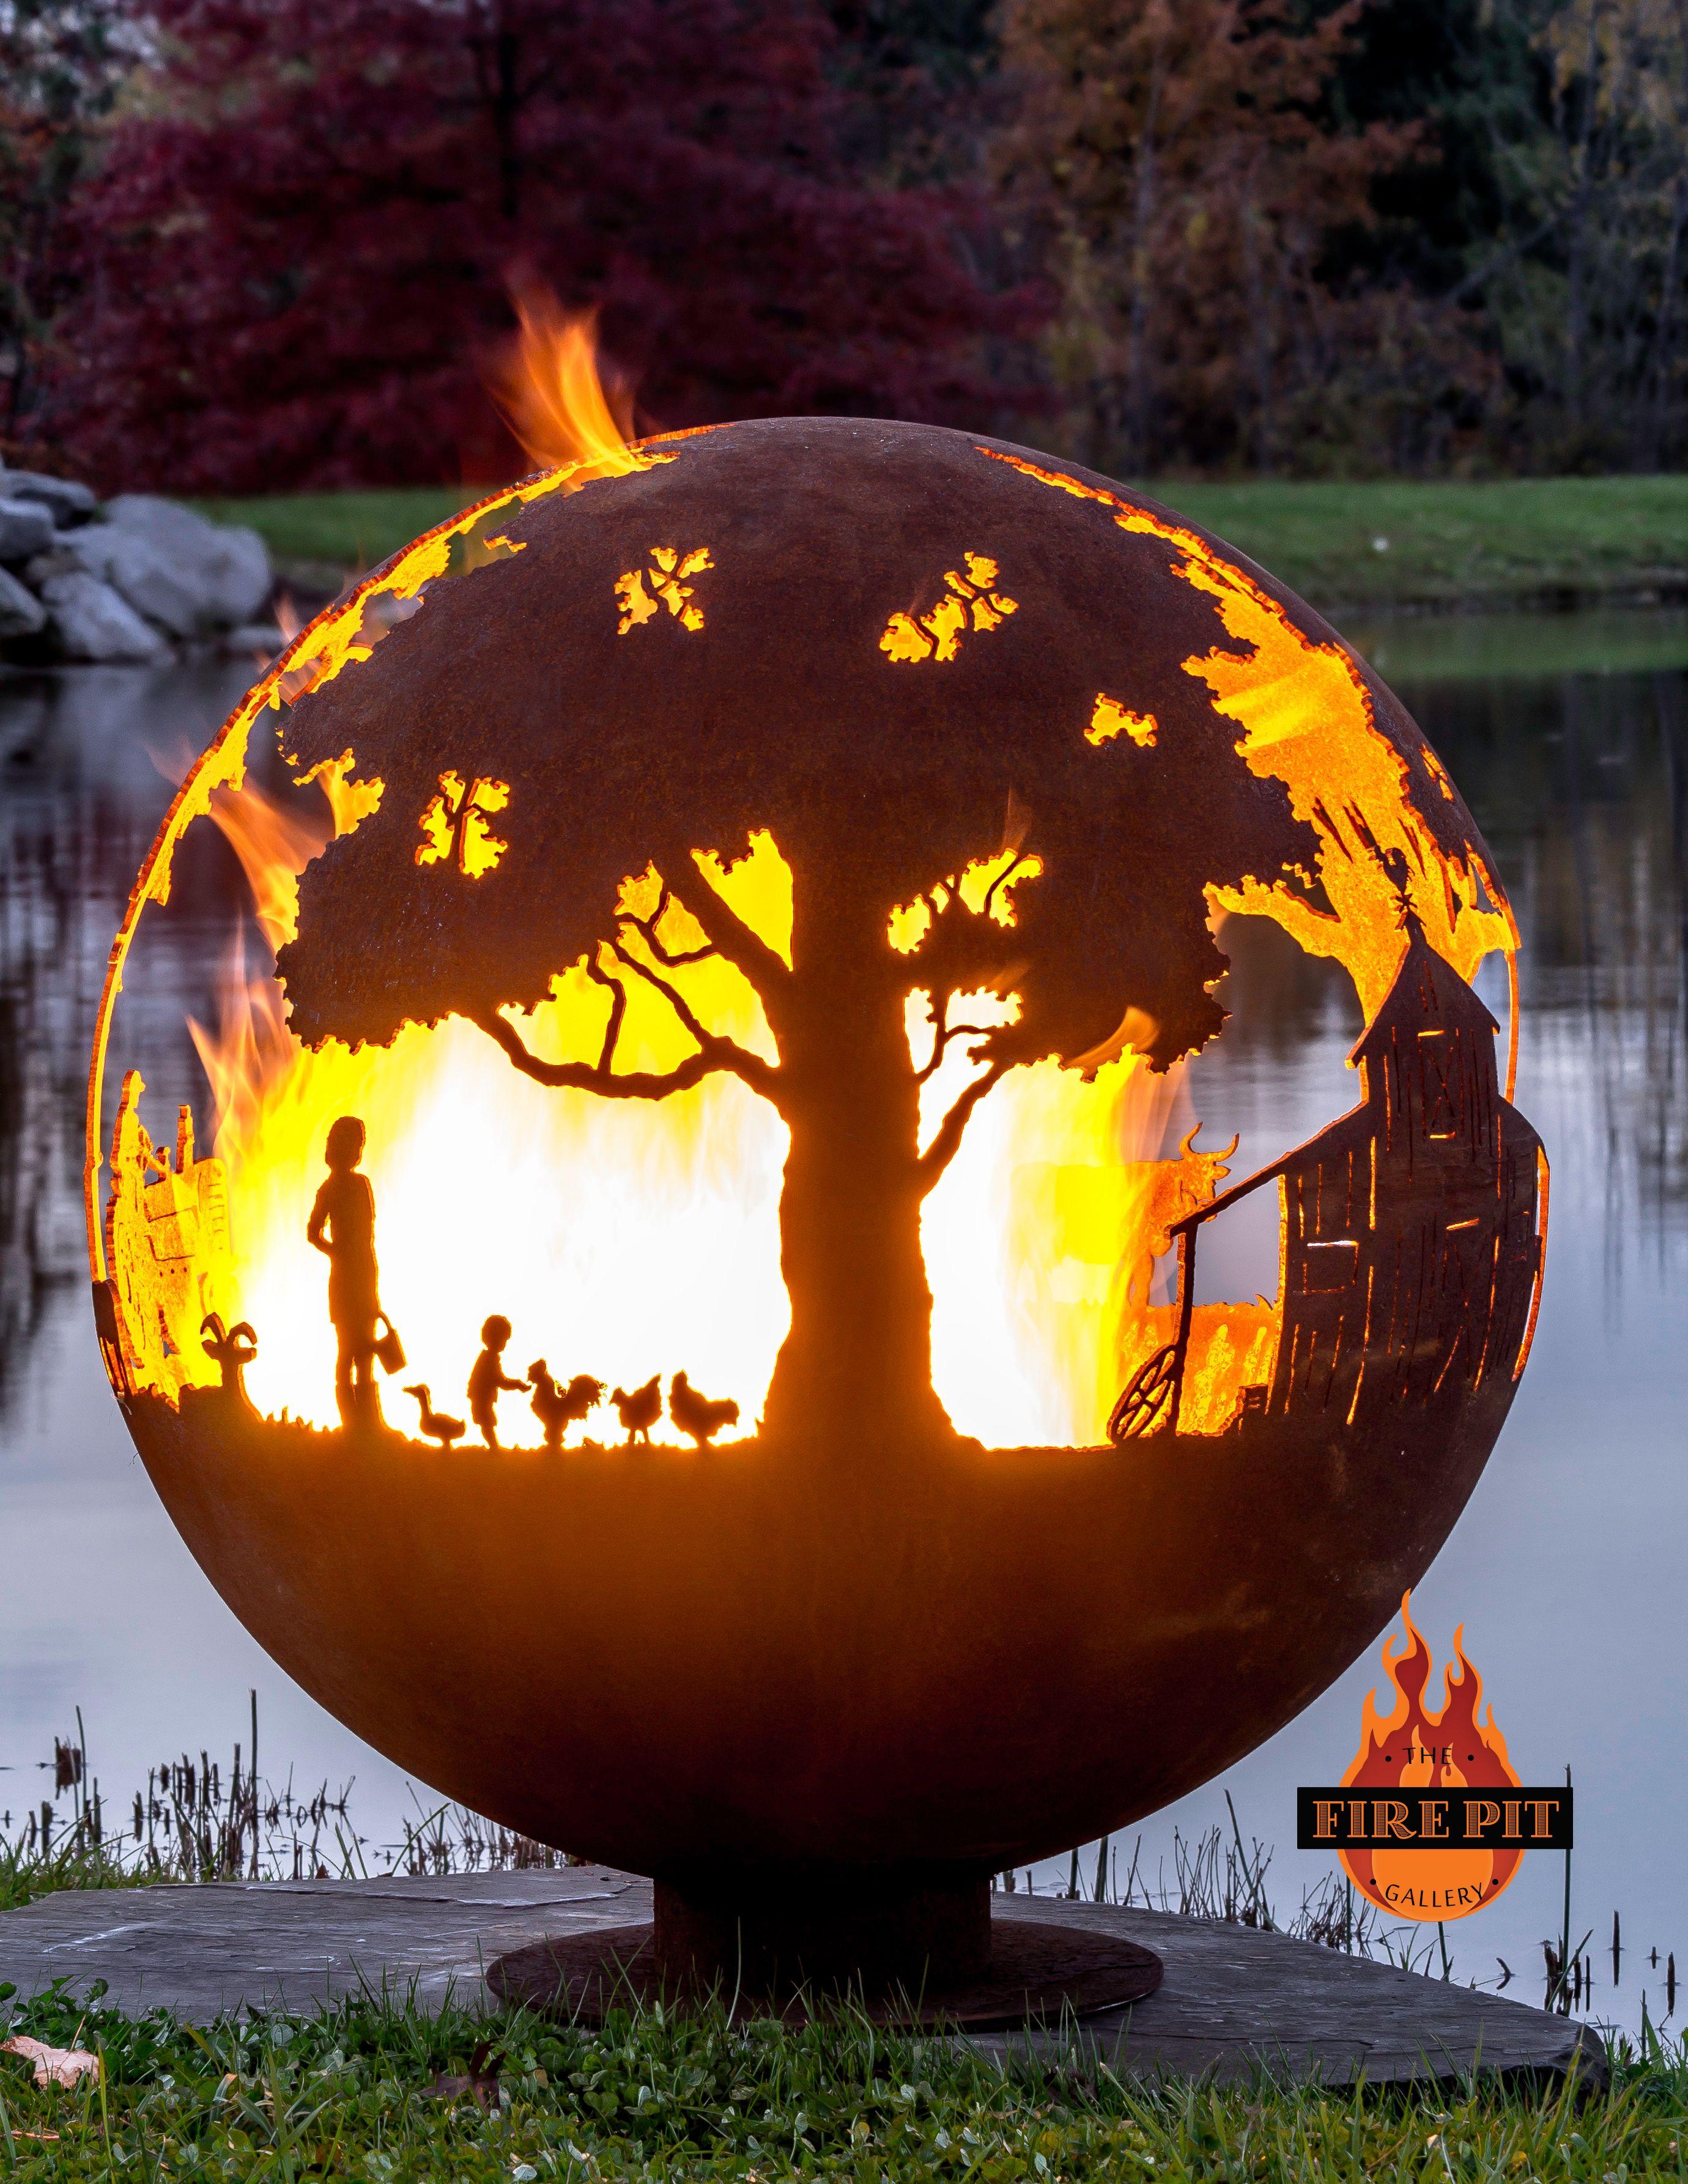 Farm Fire Pit Sphere Appel Crisp Farms Metallfeuerstelle